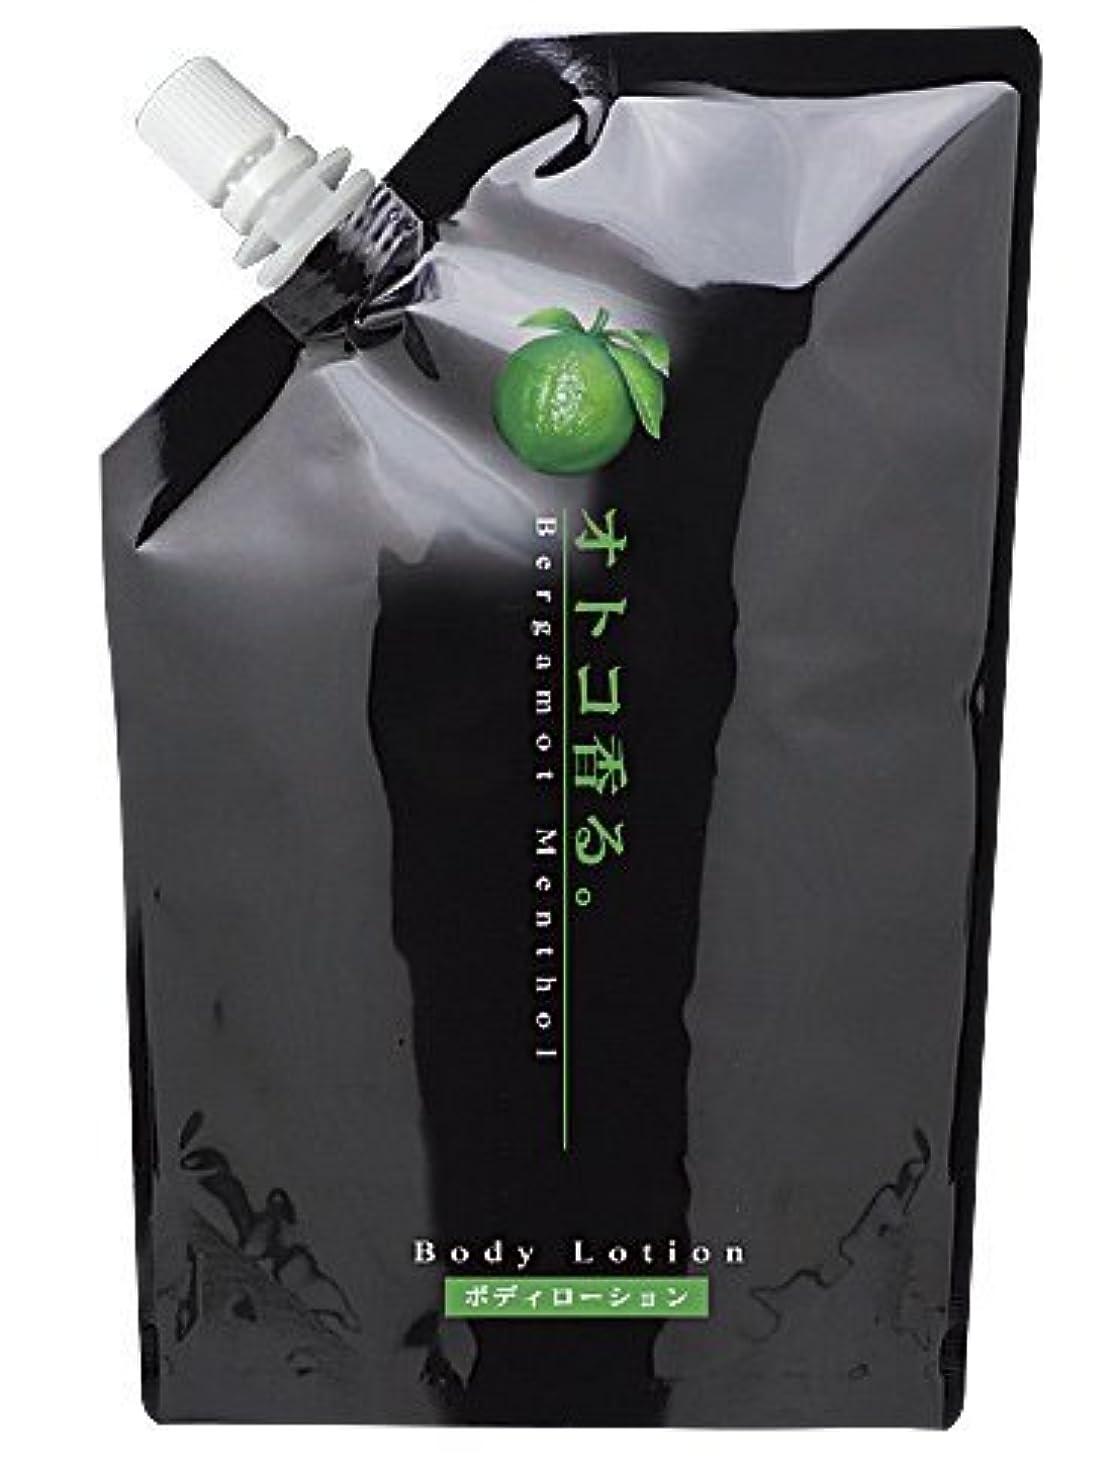 ドロー先カストディアンkracie(クラシエ) オトコ香る ボディローション ベルガモットの香り 微香性 業務用 家庭様向け 500ml 補充サイズ